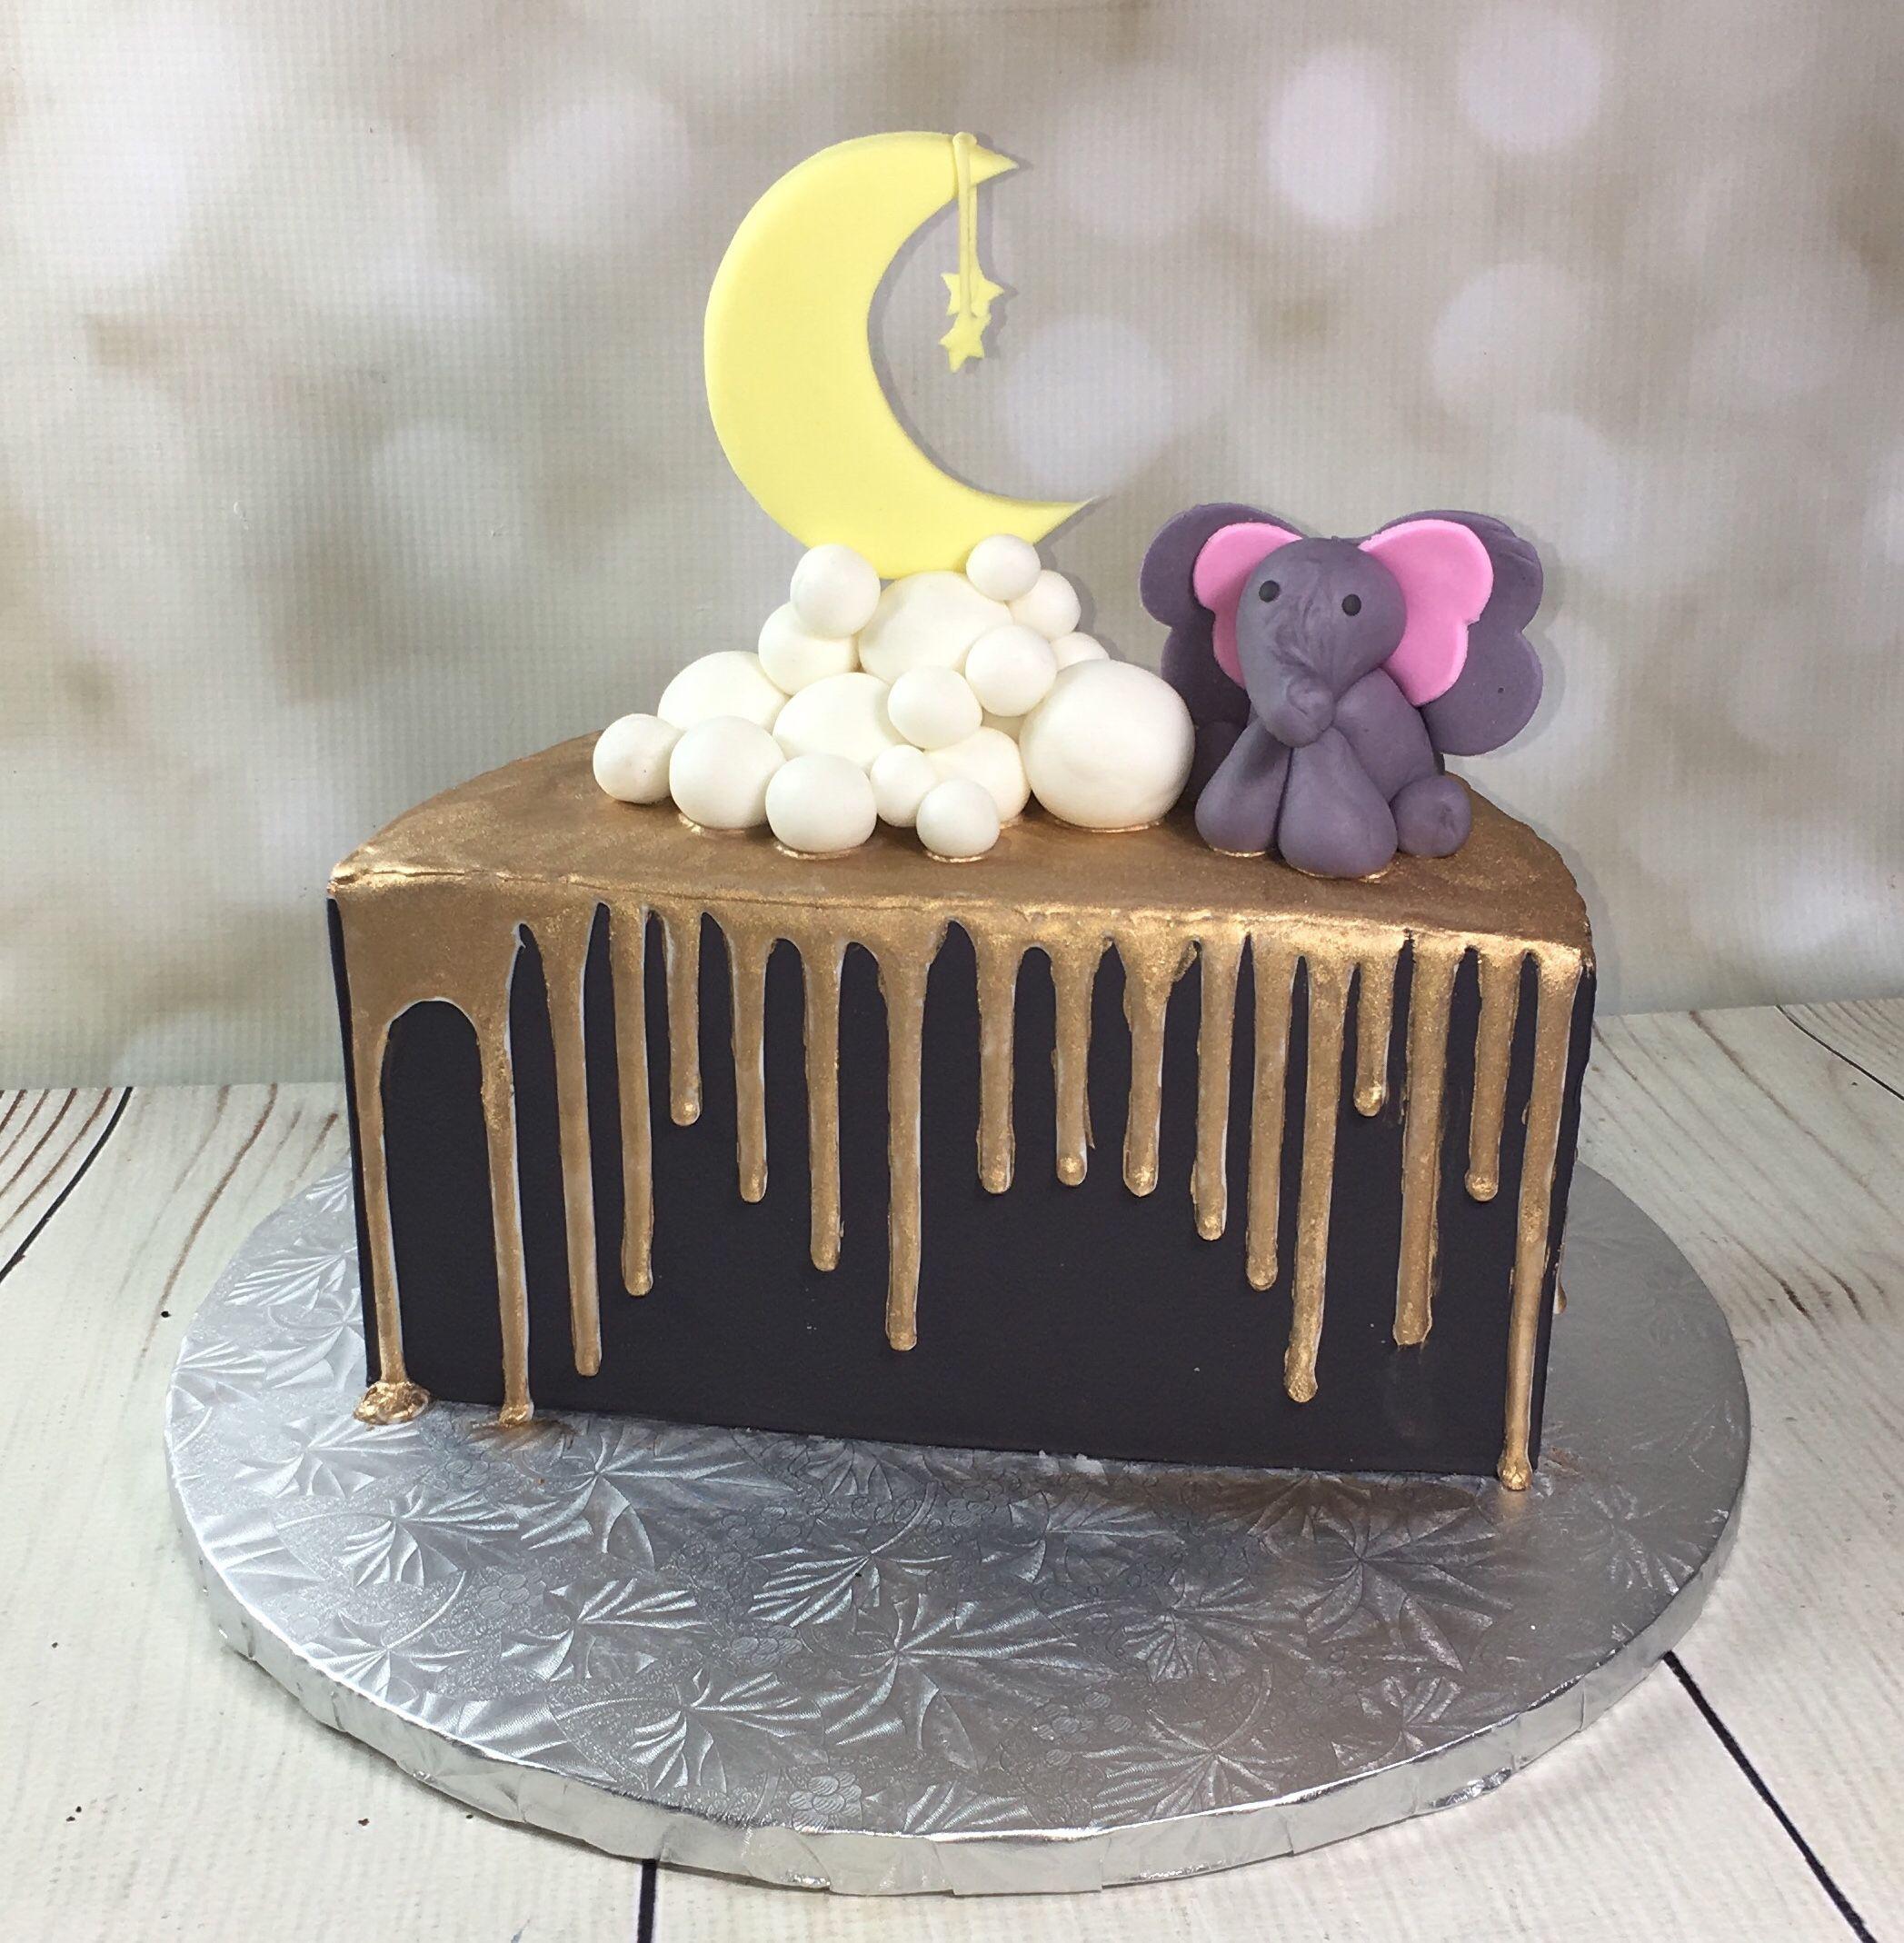 11 Half Birthday Cakes Ideas In 2021 Half Birthday Cakes Half Birthday Half Birthday Baby